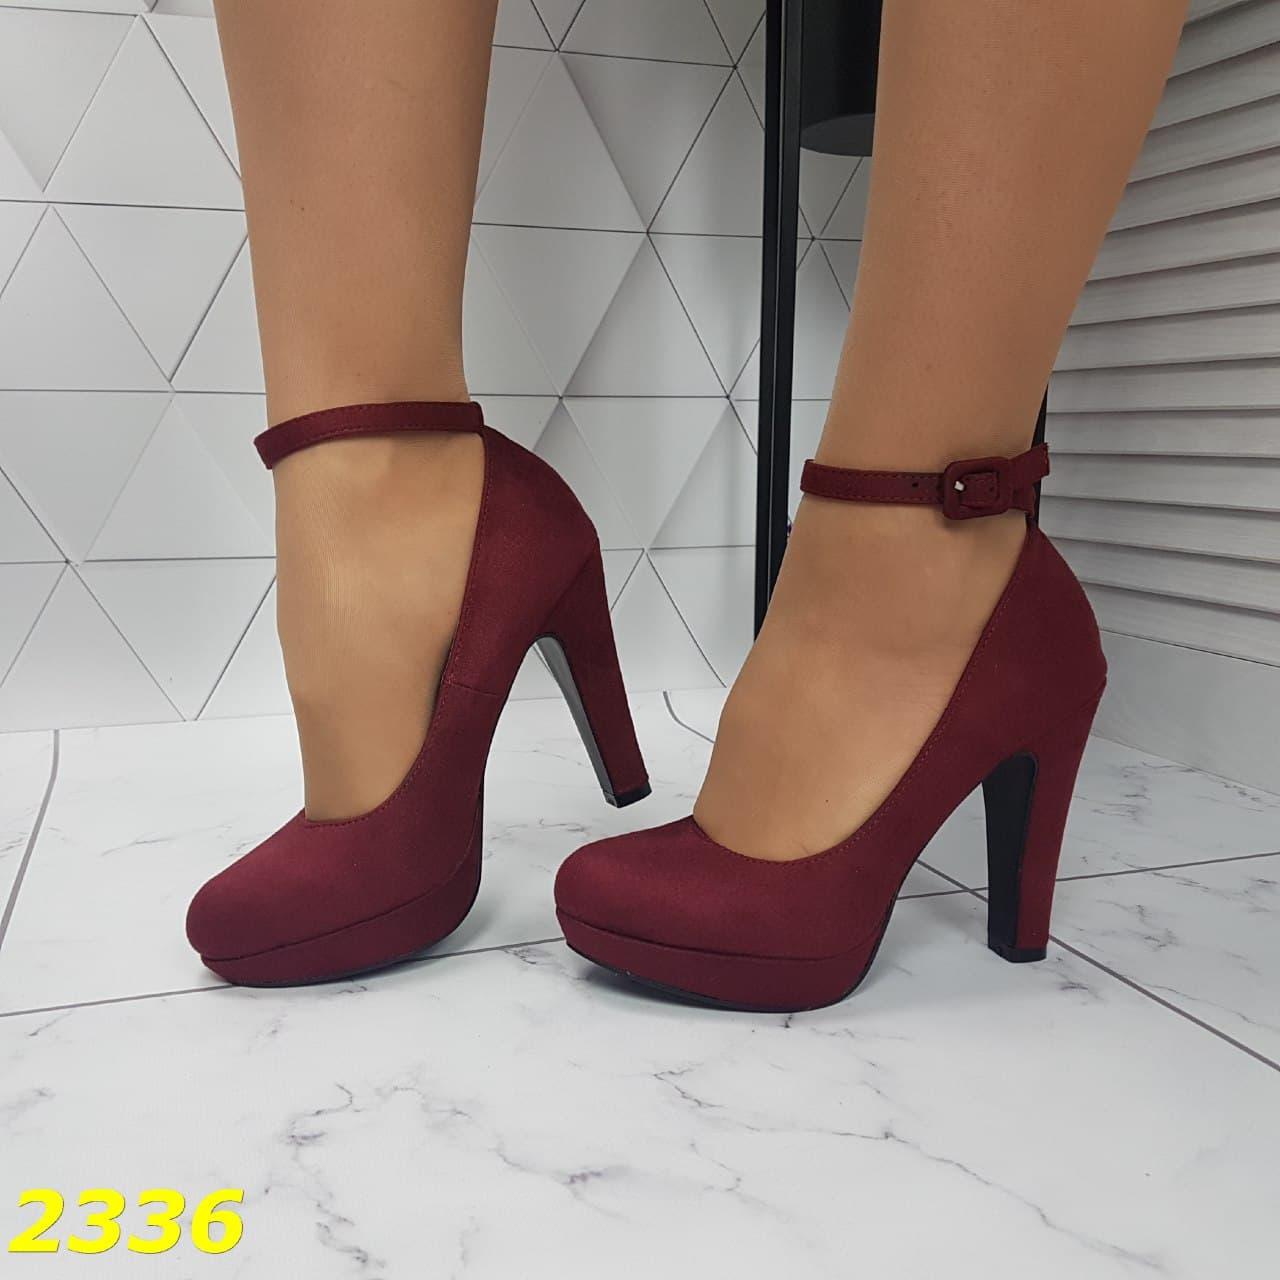 бордовые туфли на толстом каблуке